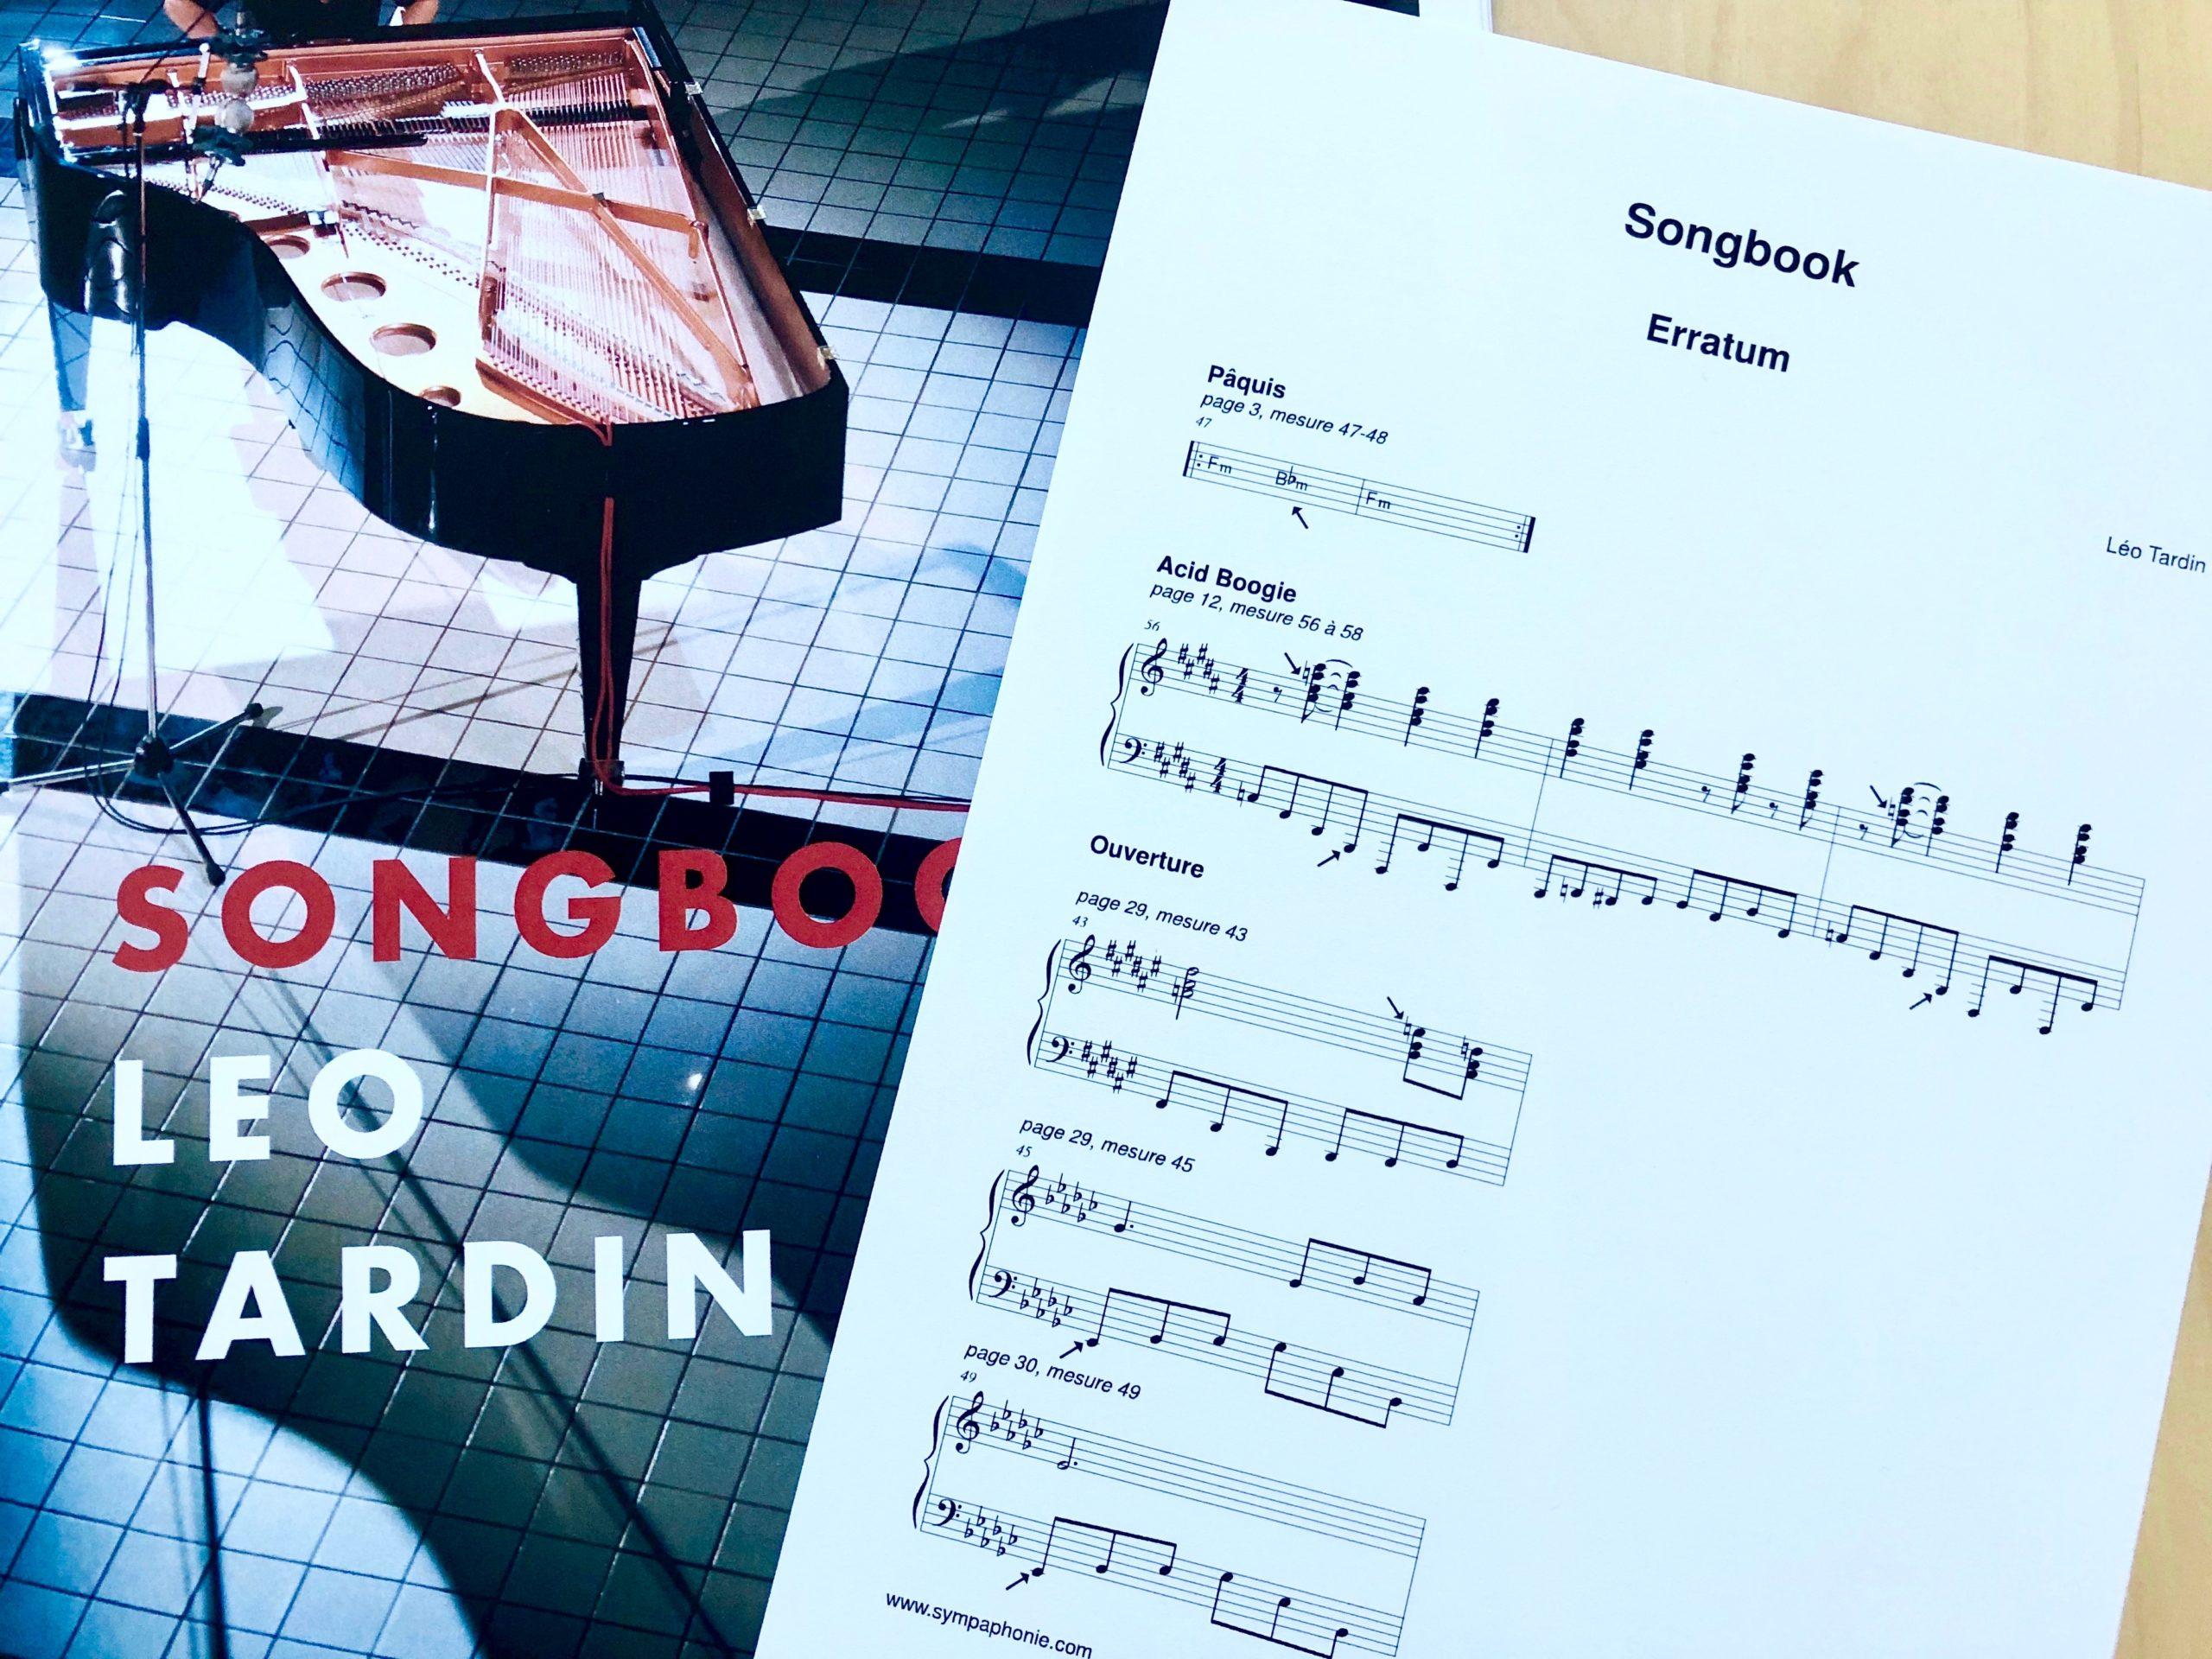 Songbook erratum (addendum)